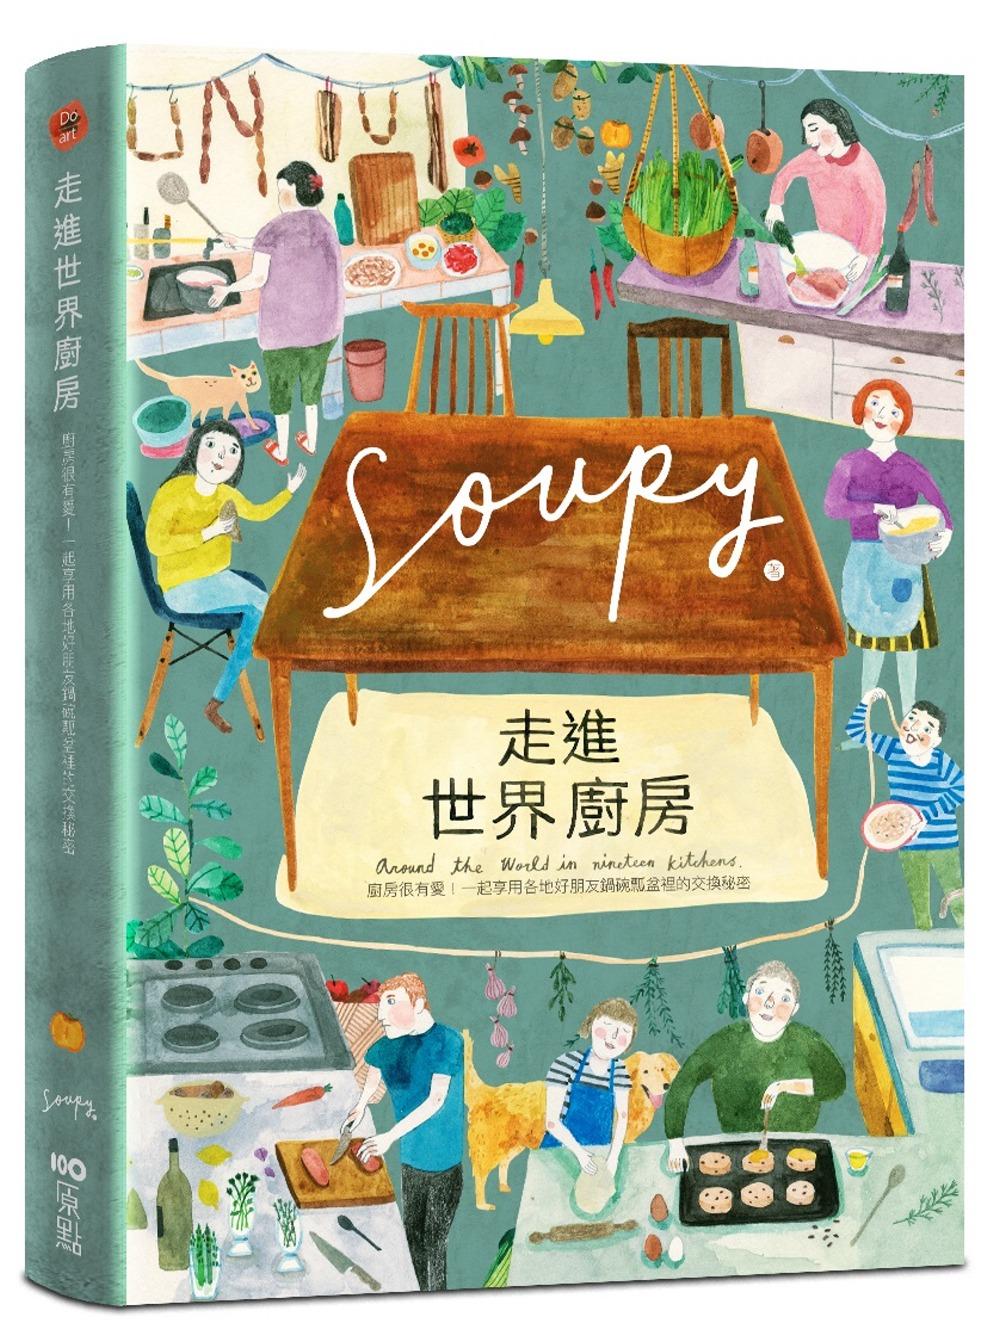 走進世界廚房:廚房很有愛!一起享用各地好朋友鍋碗瓢盆裡的交換秘密